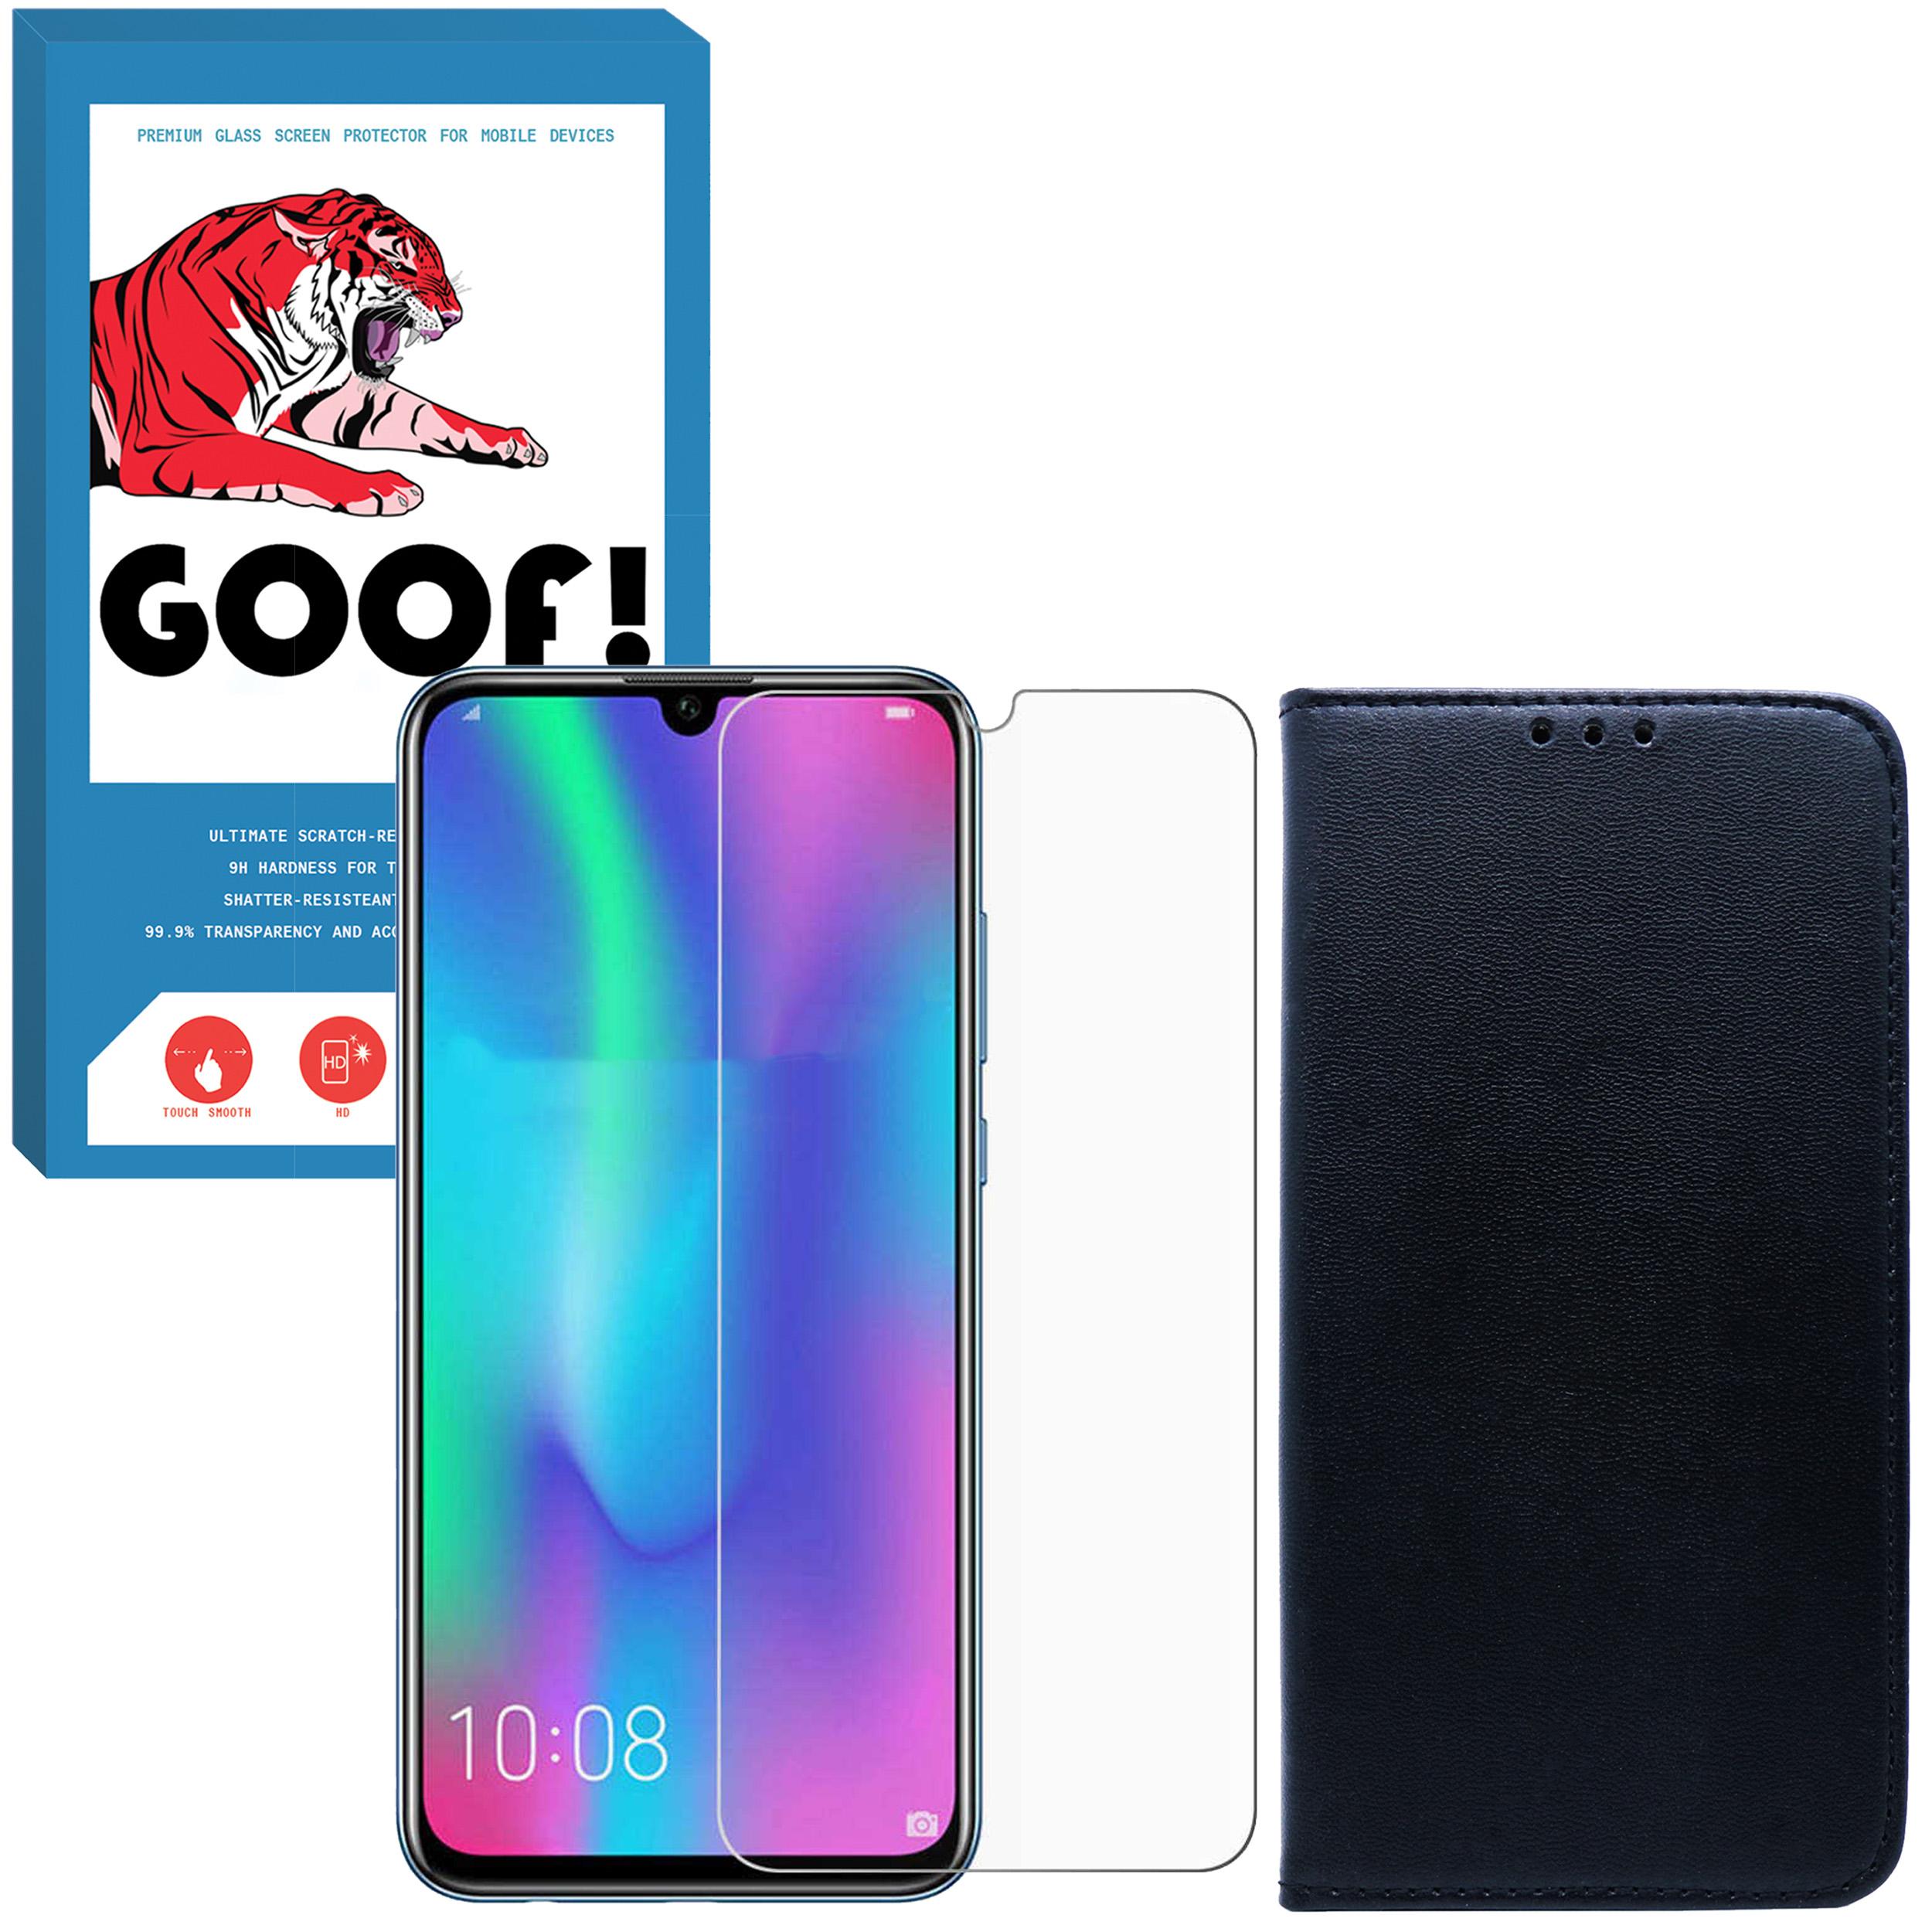 کیف کلاسوری مدل KF-022 مناسب برای گوشی موبایل P Smart 2019 / آنر 10 Lite به همراه محافظ صفحه نمایش گوف مدل SDG-002